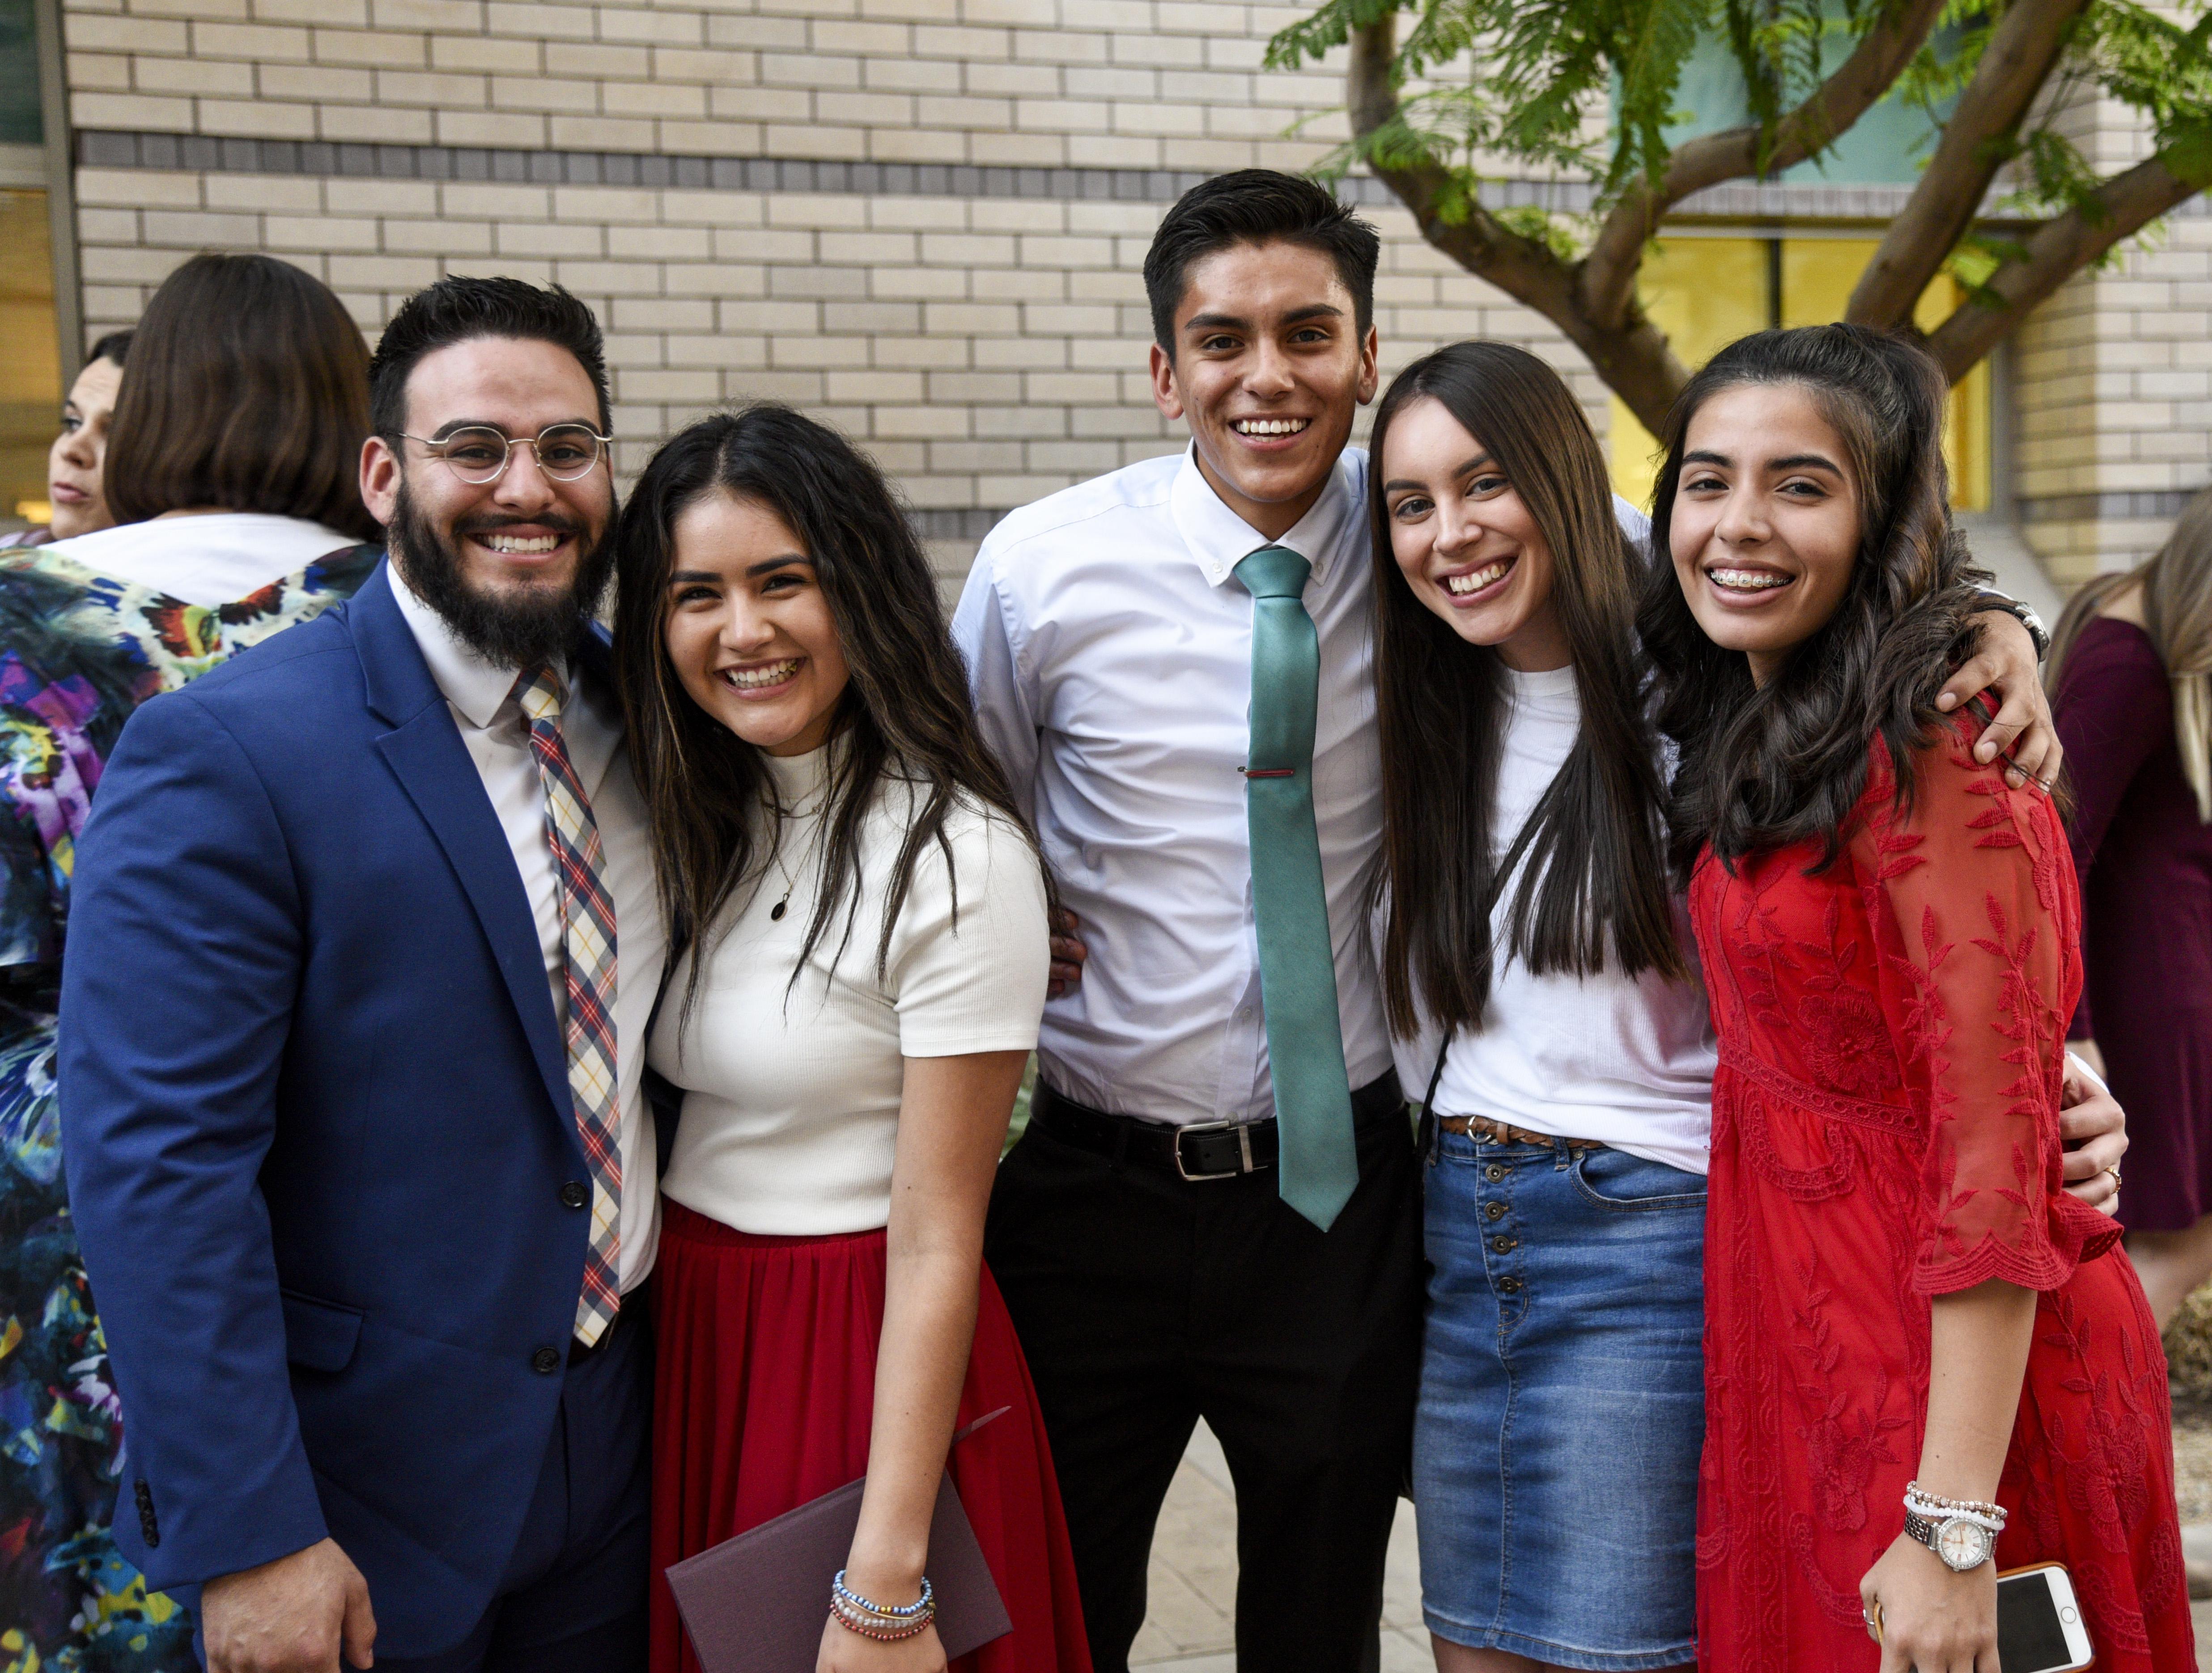 Jóvenes adultos asisten a un devocional dado por el élder Ronald A. Rasband en el Instituto de Religión de Tempe Arizona, el 20 de octubre.